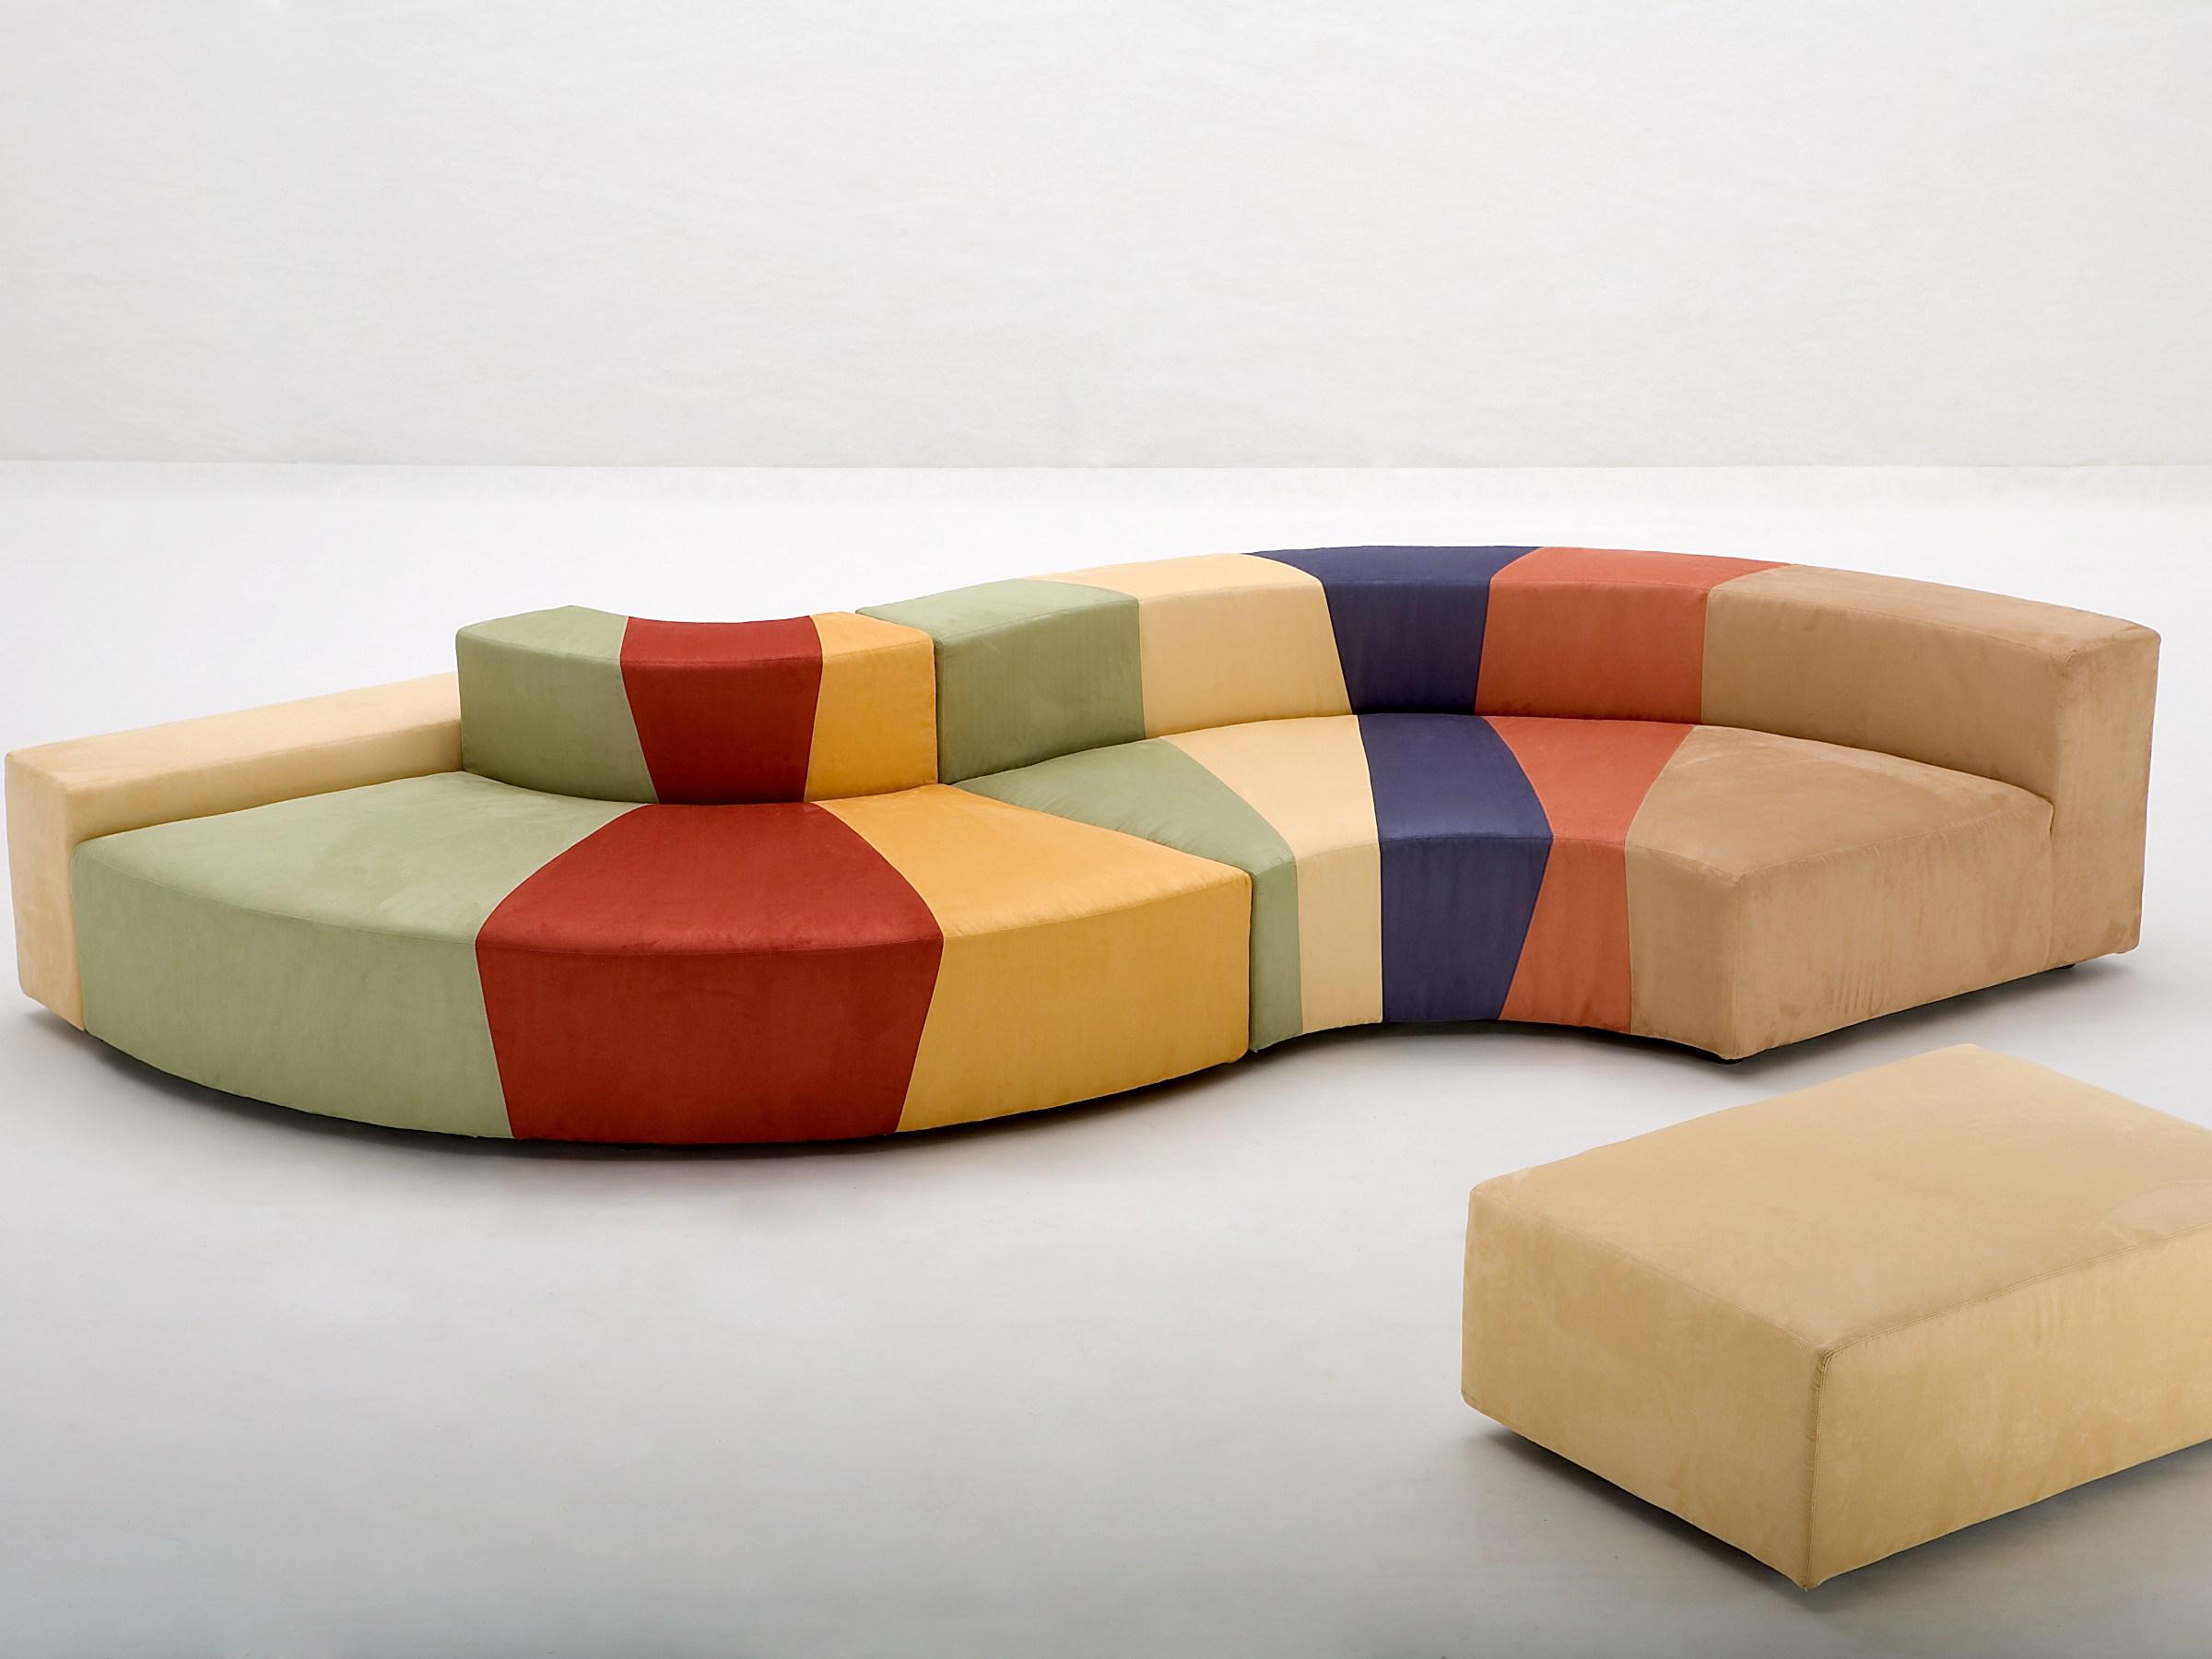 3 motivi per scegliere un divano componibile - Divani colorati componibili ...